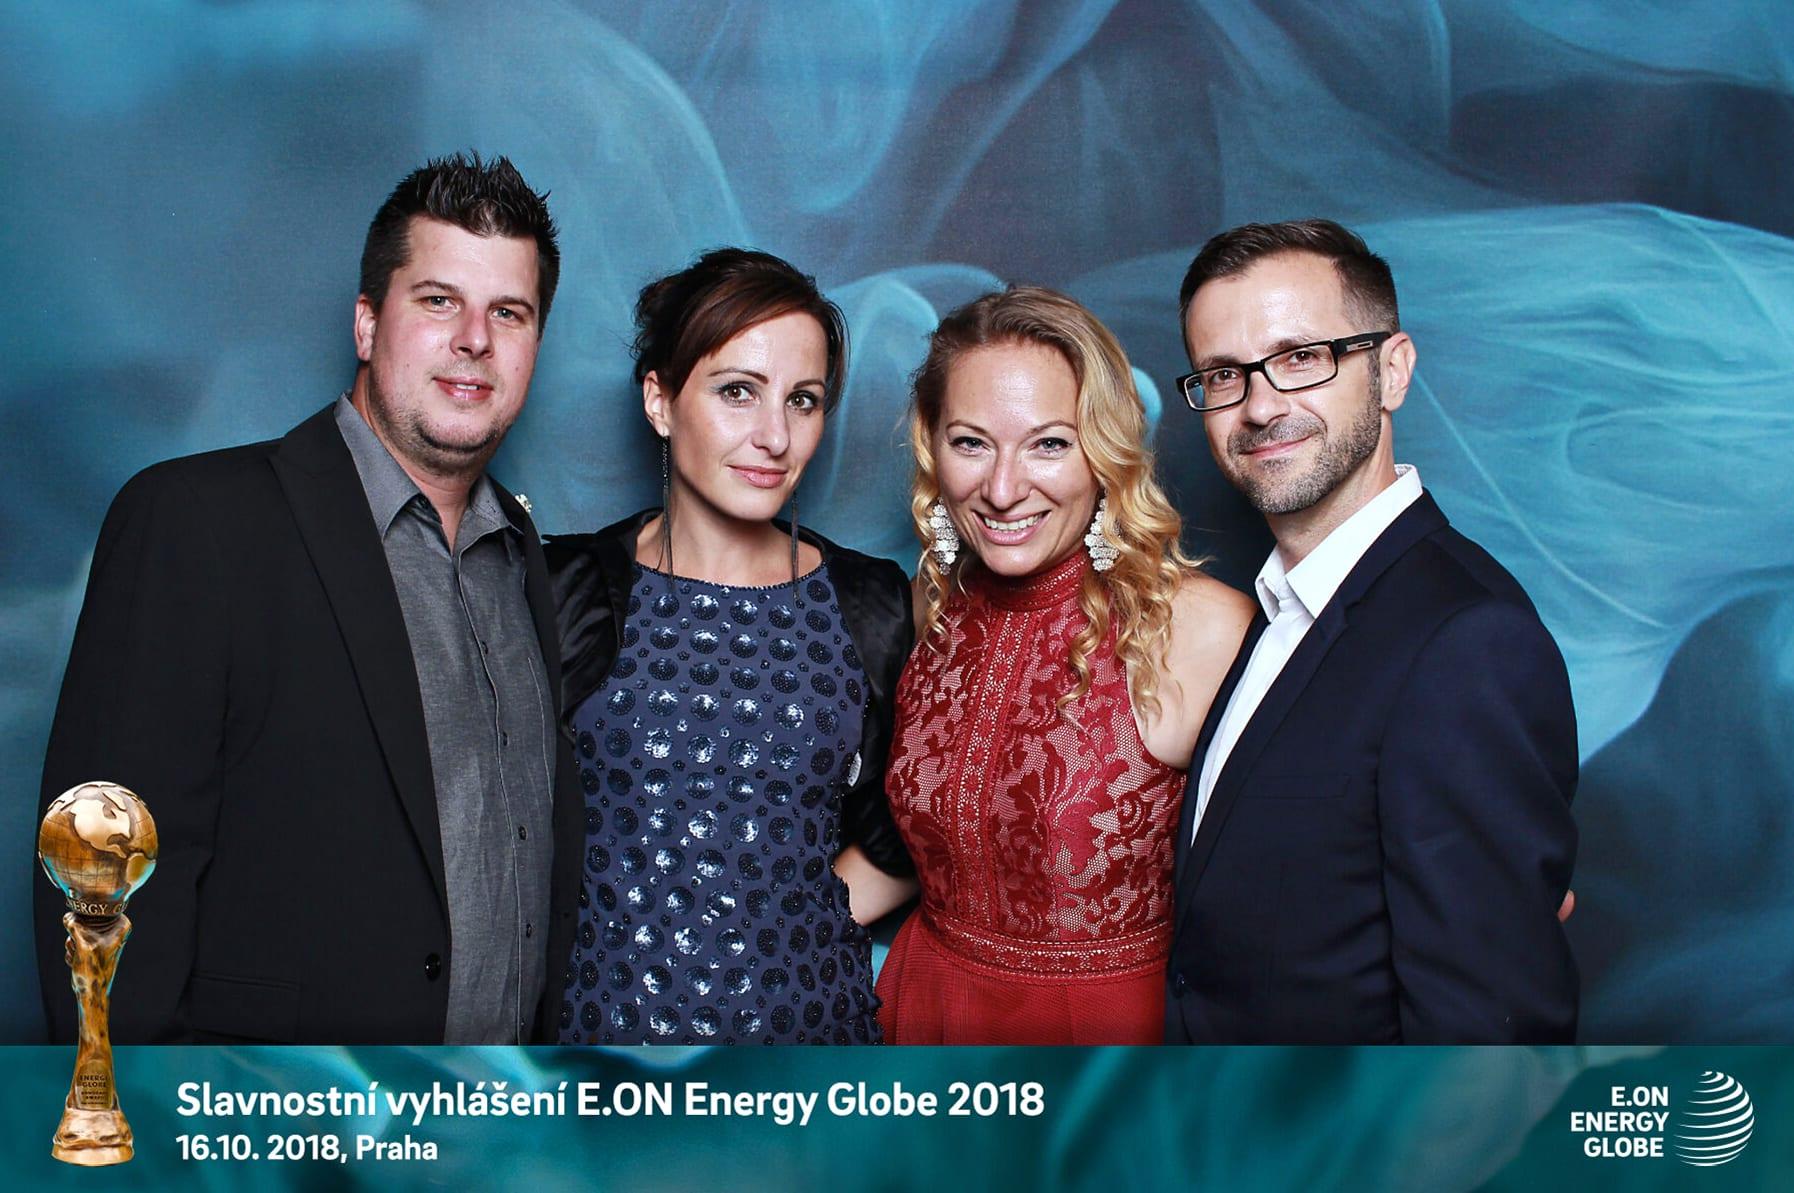 fotokoutek-ceske-budejovice-promo-akce-e-on-energy-globe-2018-16-10-2018-506121